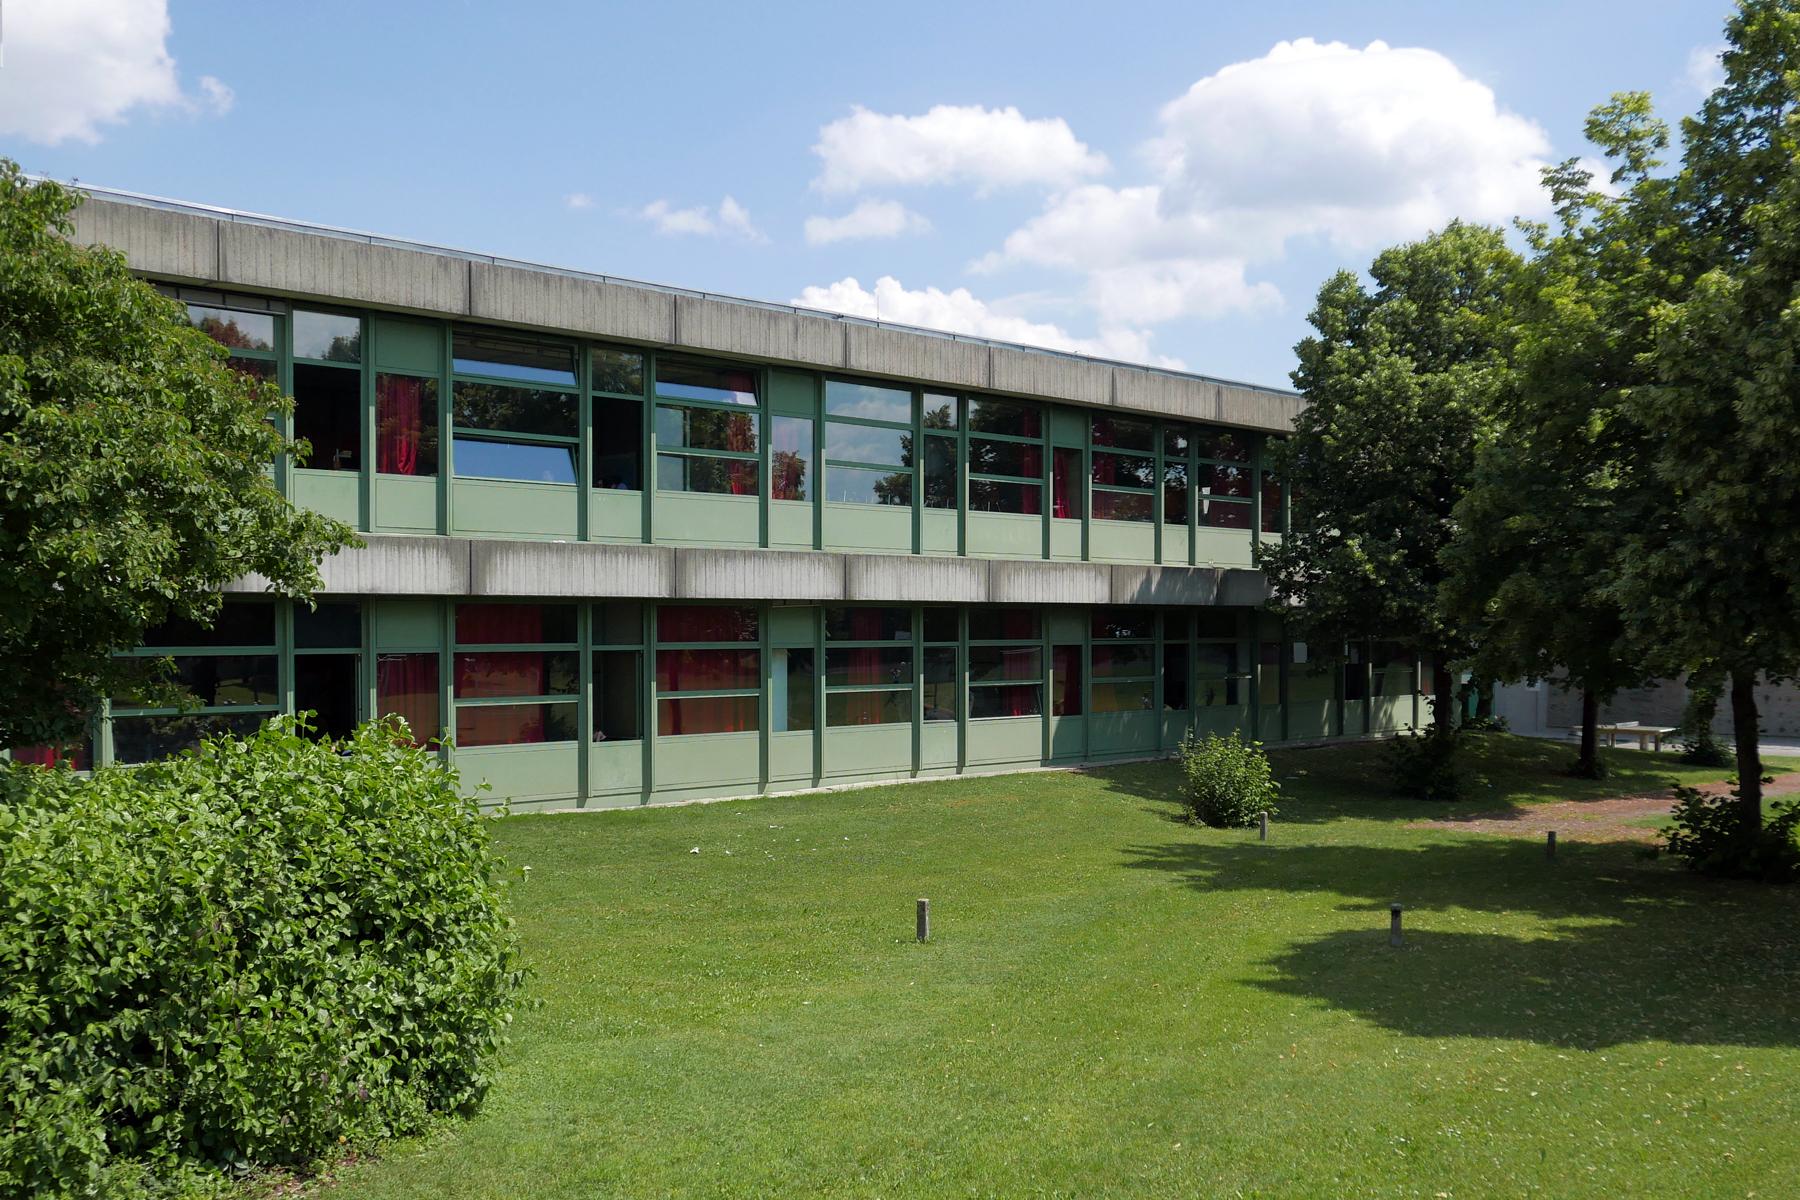 001-Schulhaus-von-Sportplatz-aus